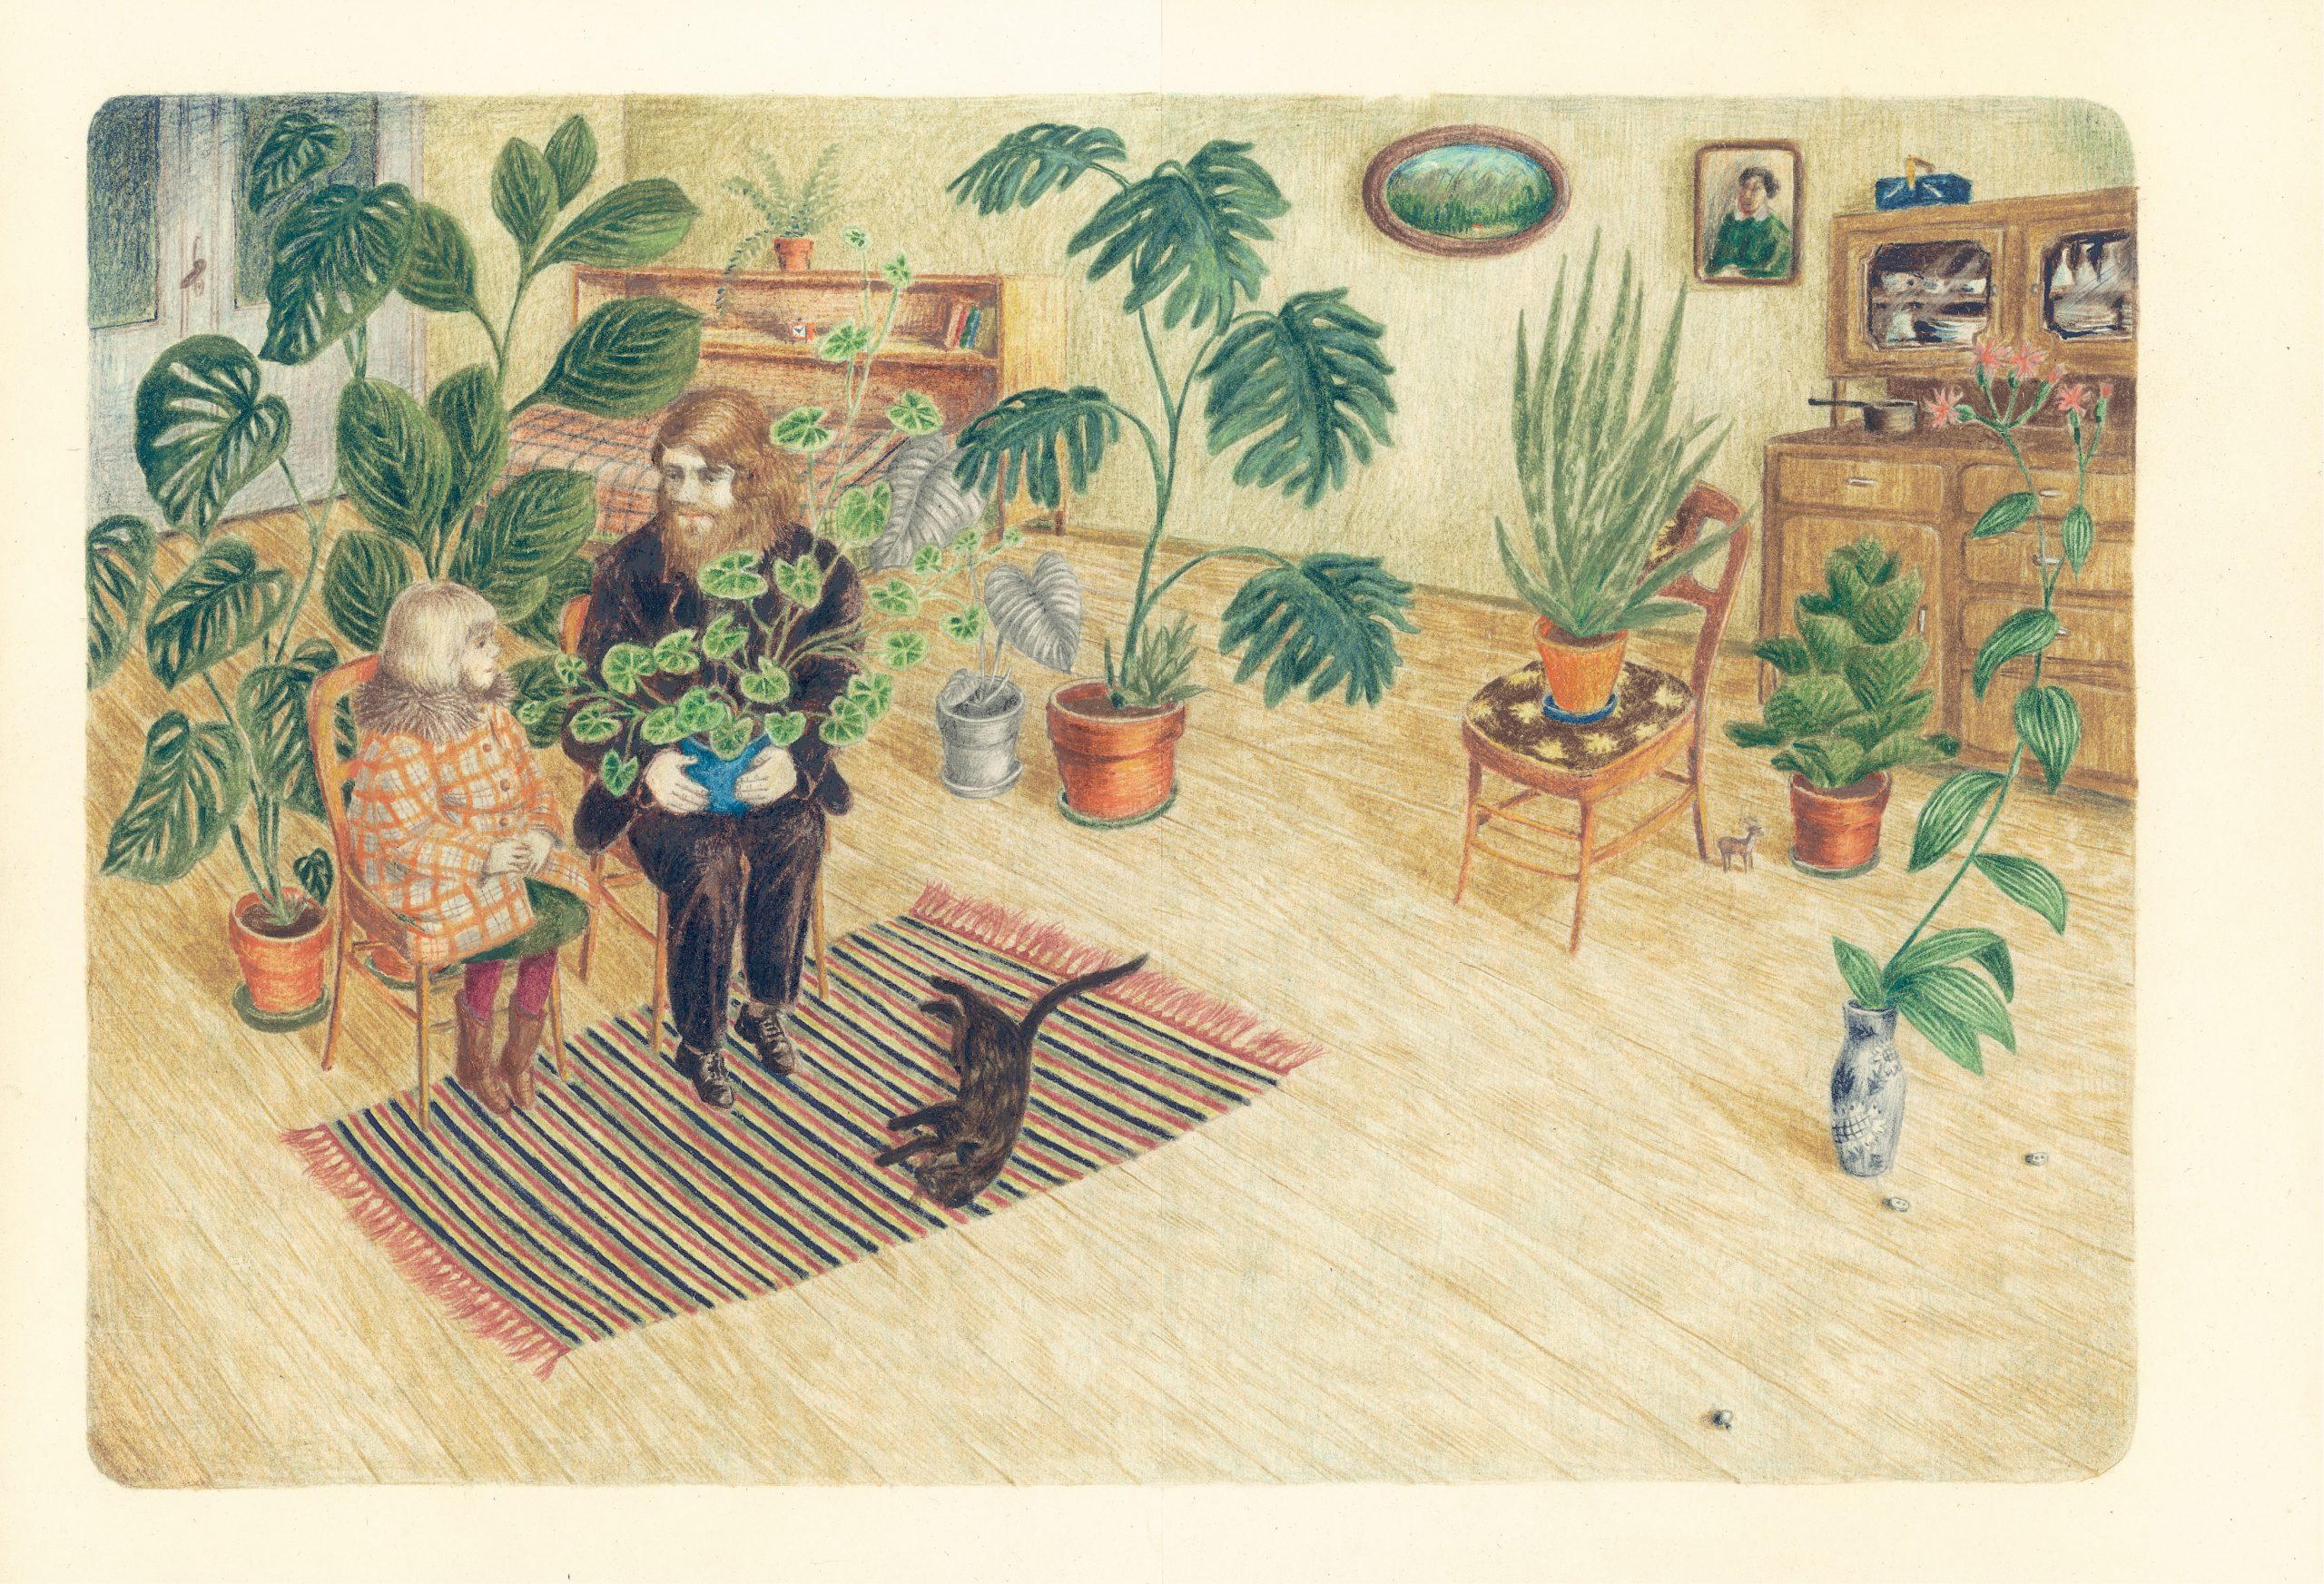 後青春繪本館|閃耀諾貝爾文學光芒的繪本